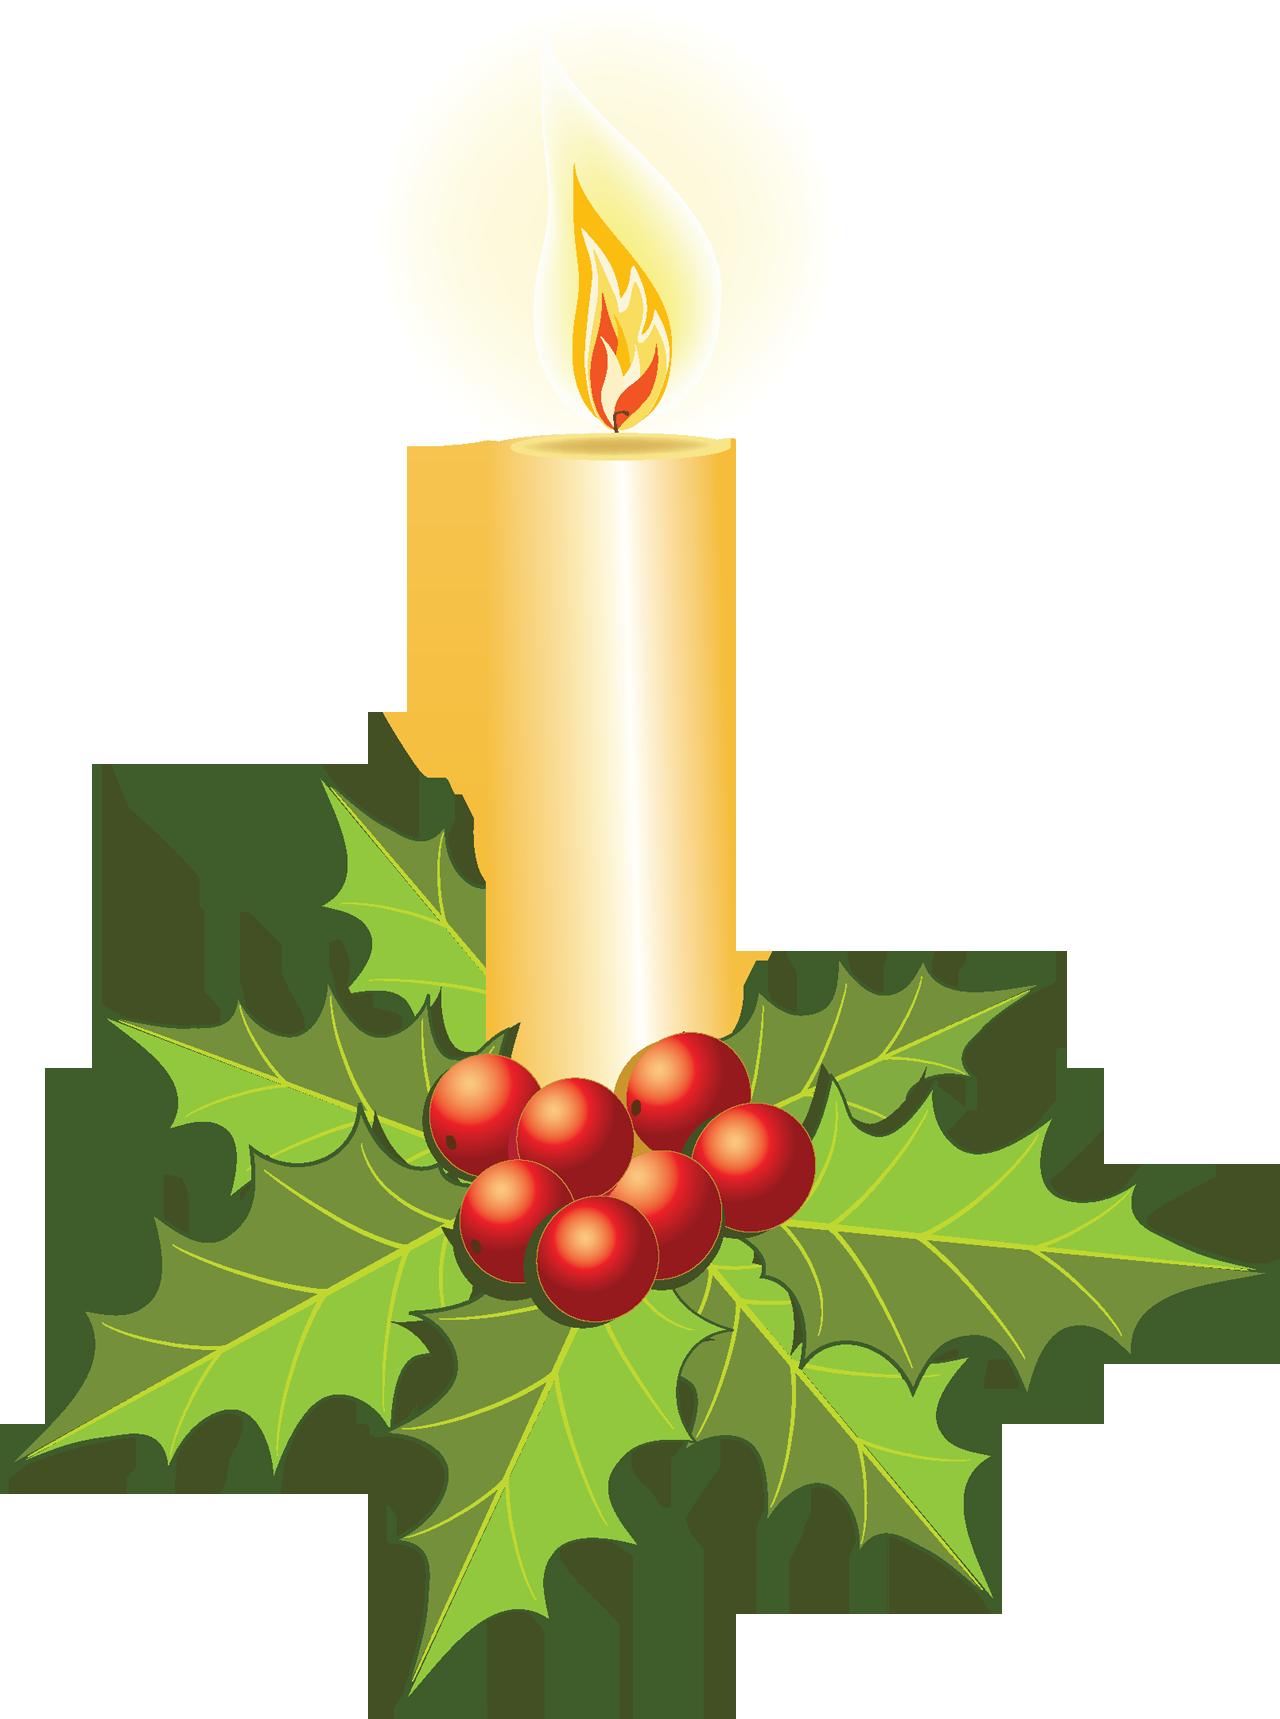 Рождественские свечи картинки нарисованные, музыка открытка